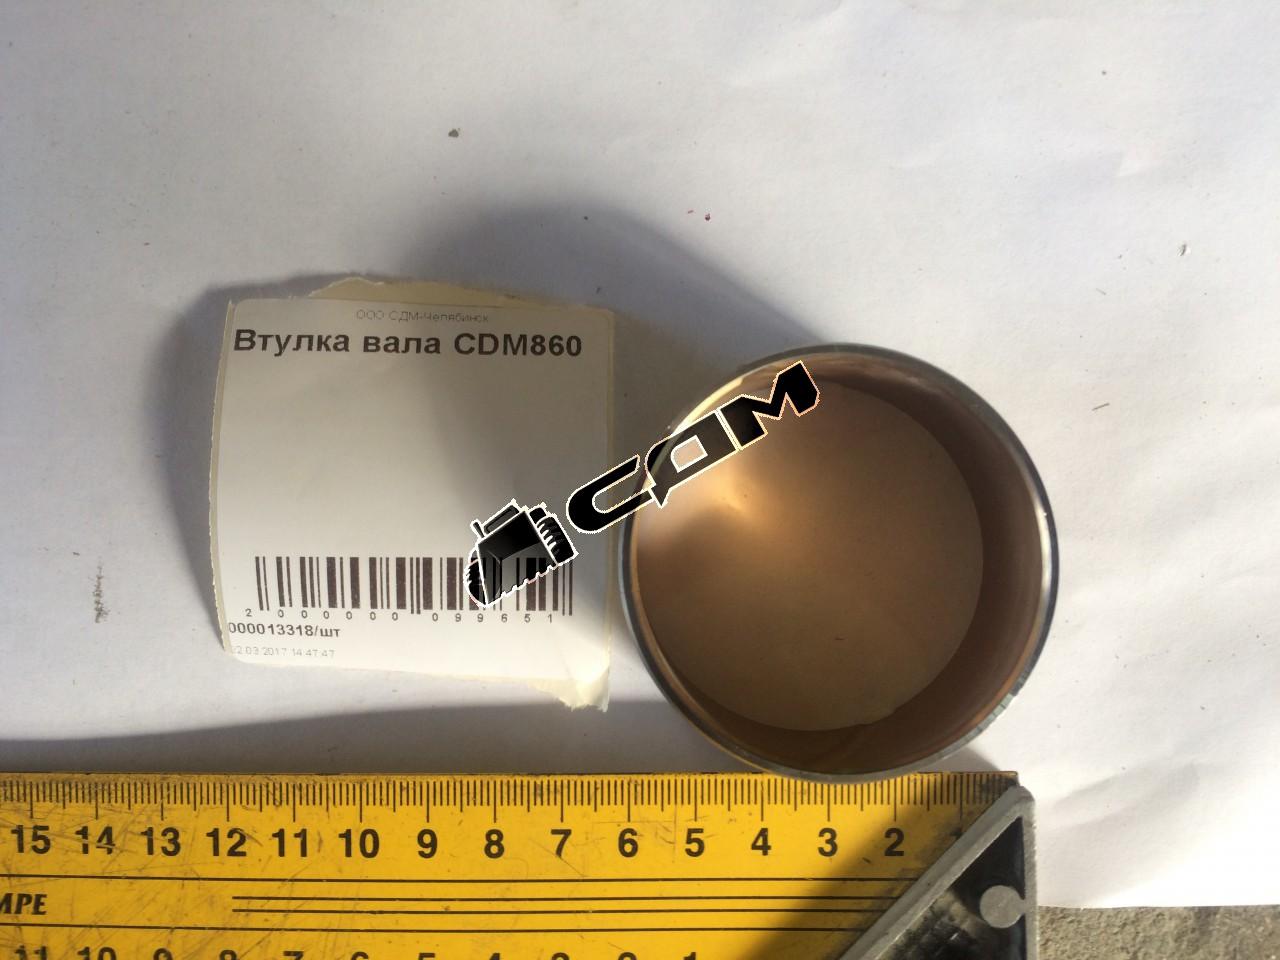 Втулка вала CDM860  LGS18.03-064